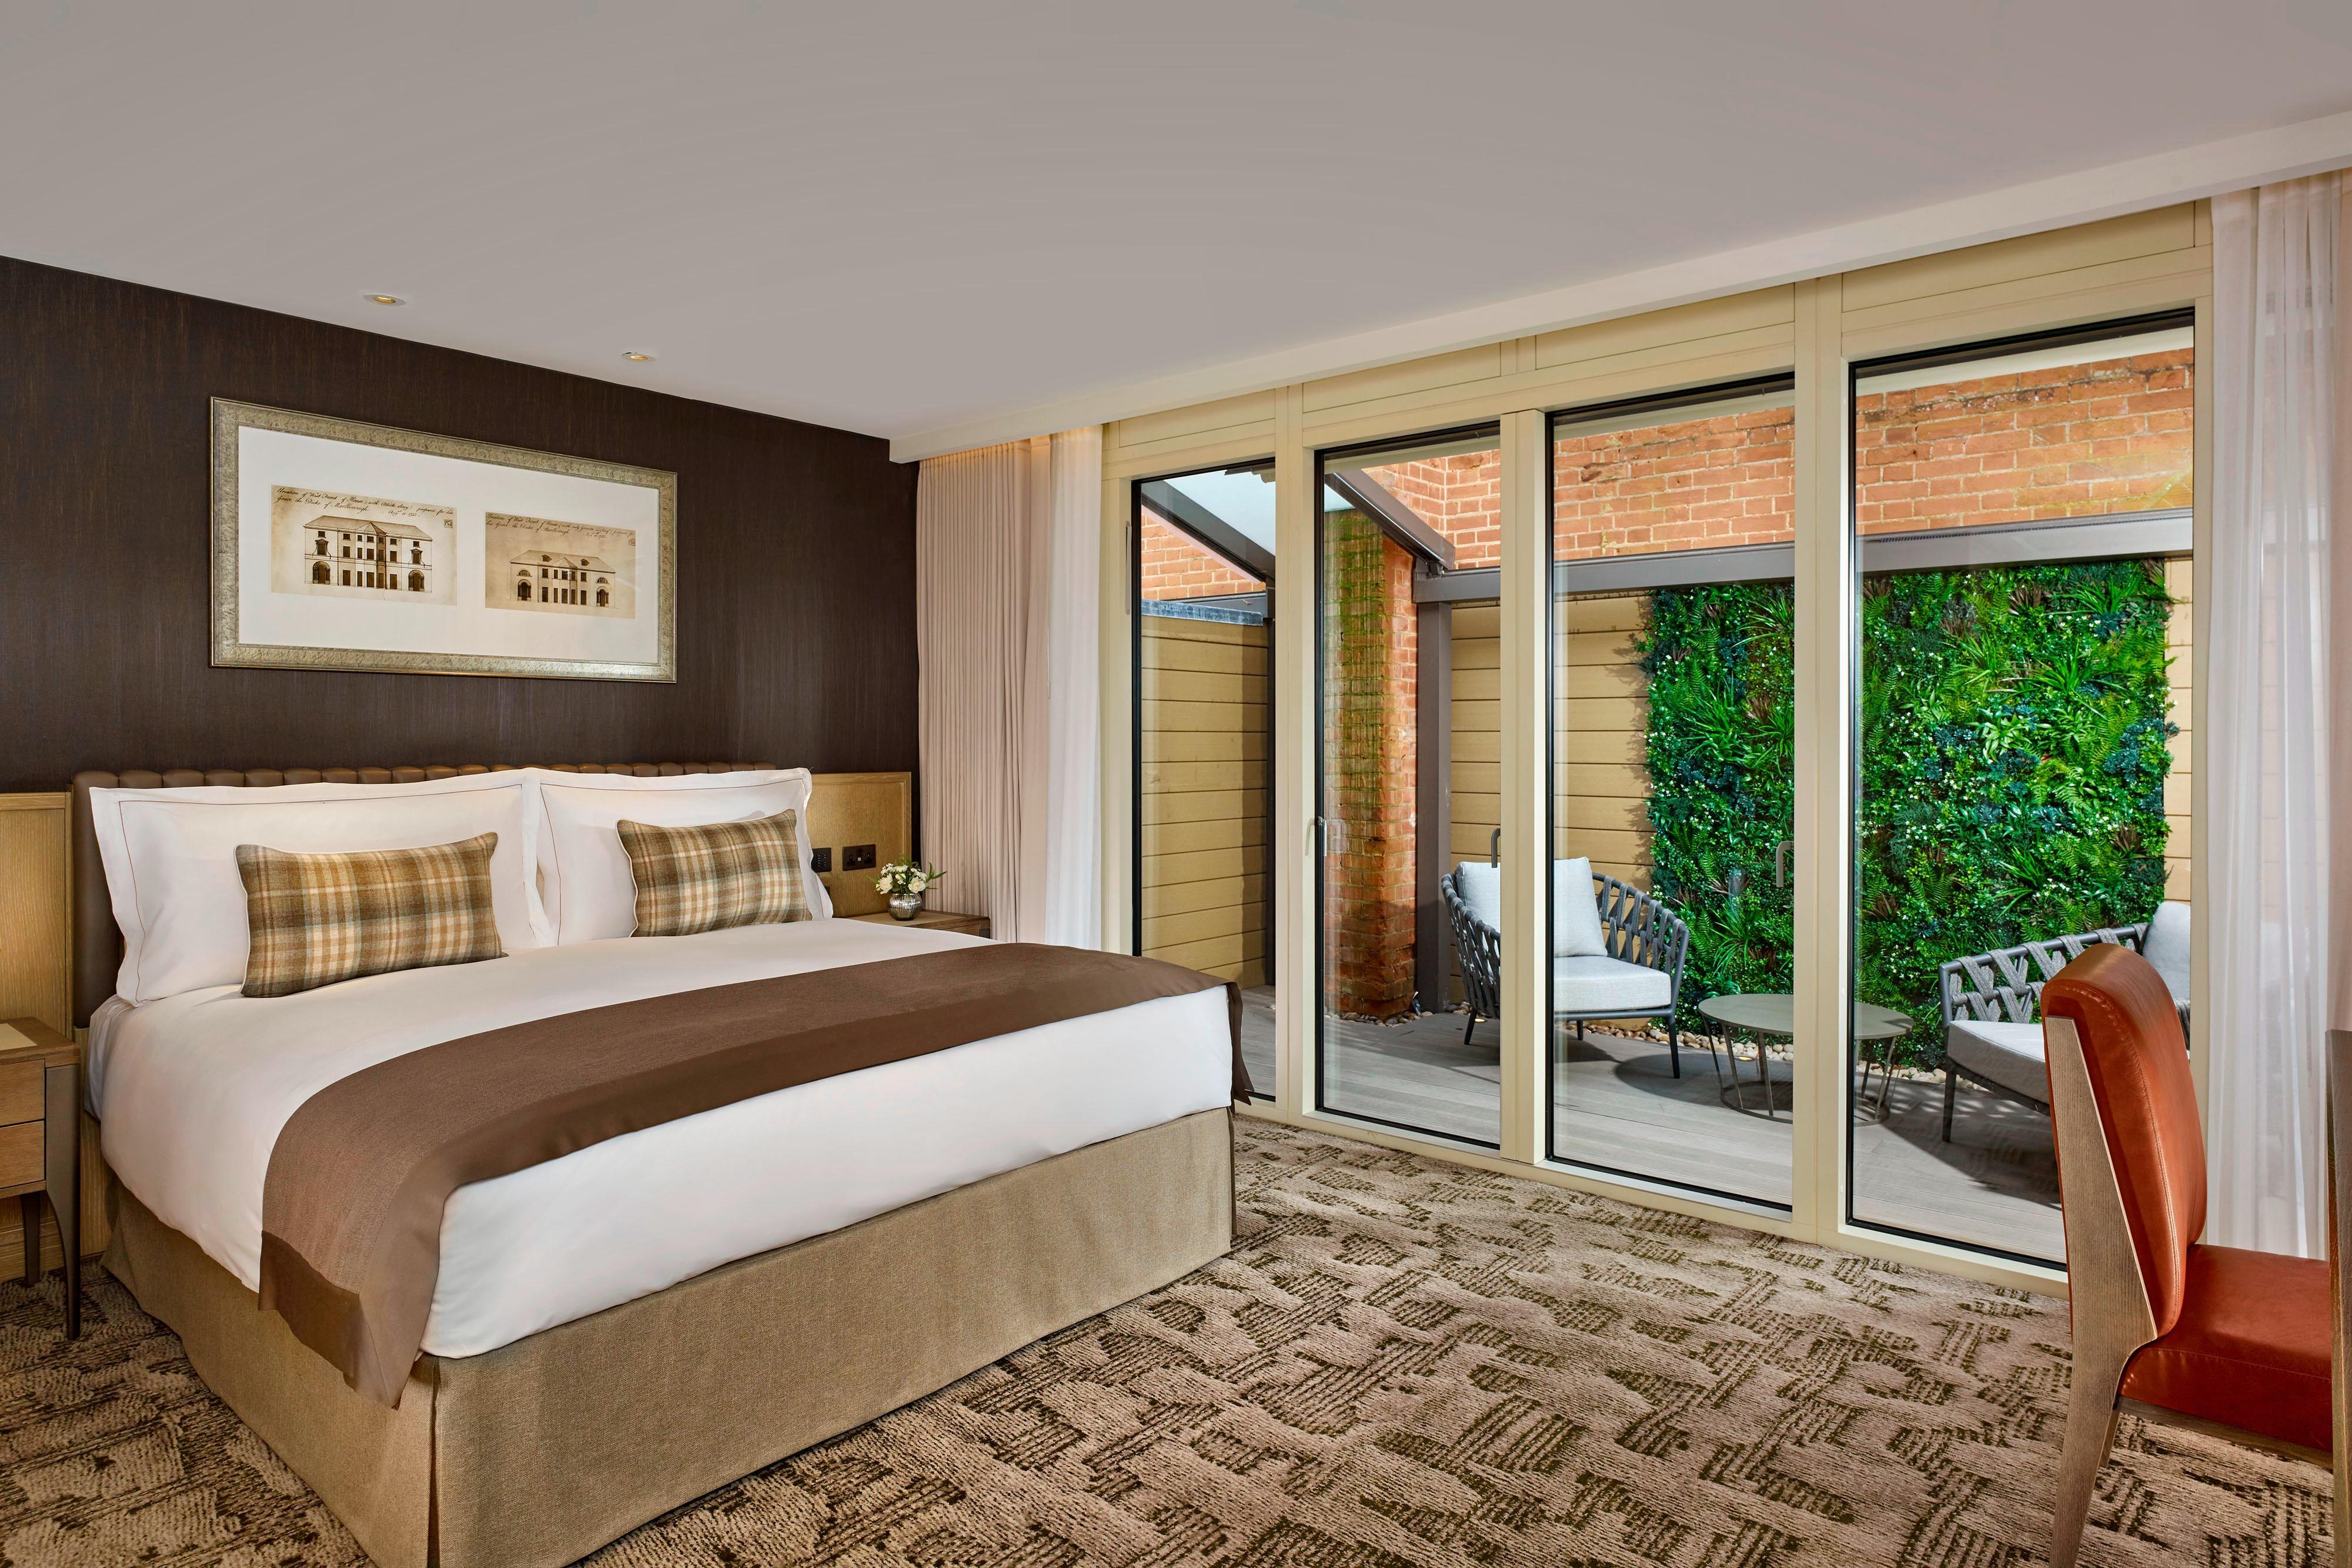 Chambre accessible aux personnes à mobilité réduite du bâtiment Brew House avec lit king size, côté jardin